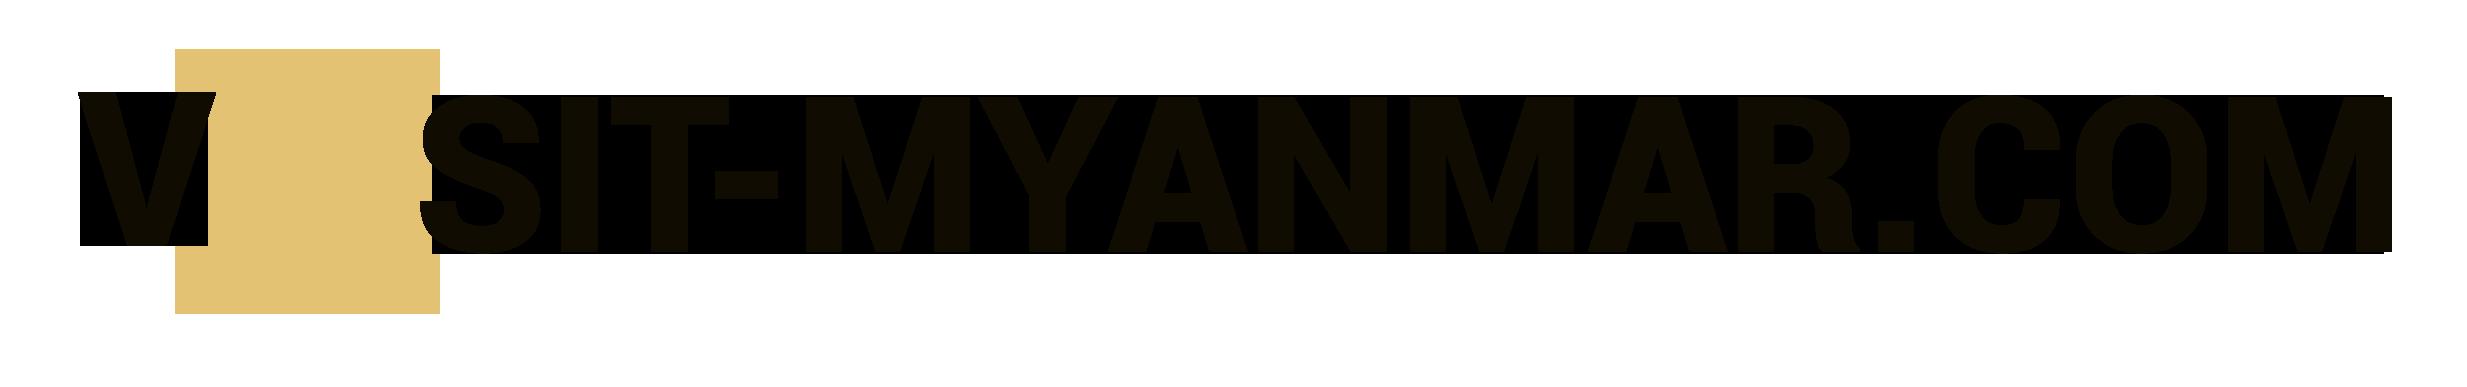 VISIT-MYANMAR.COM